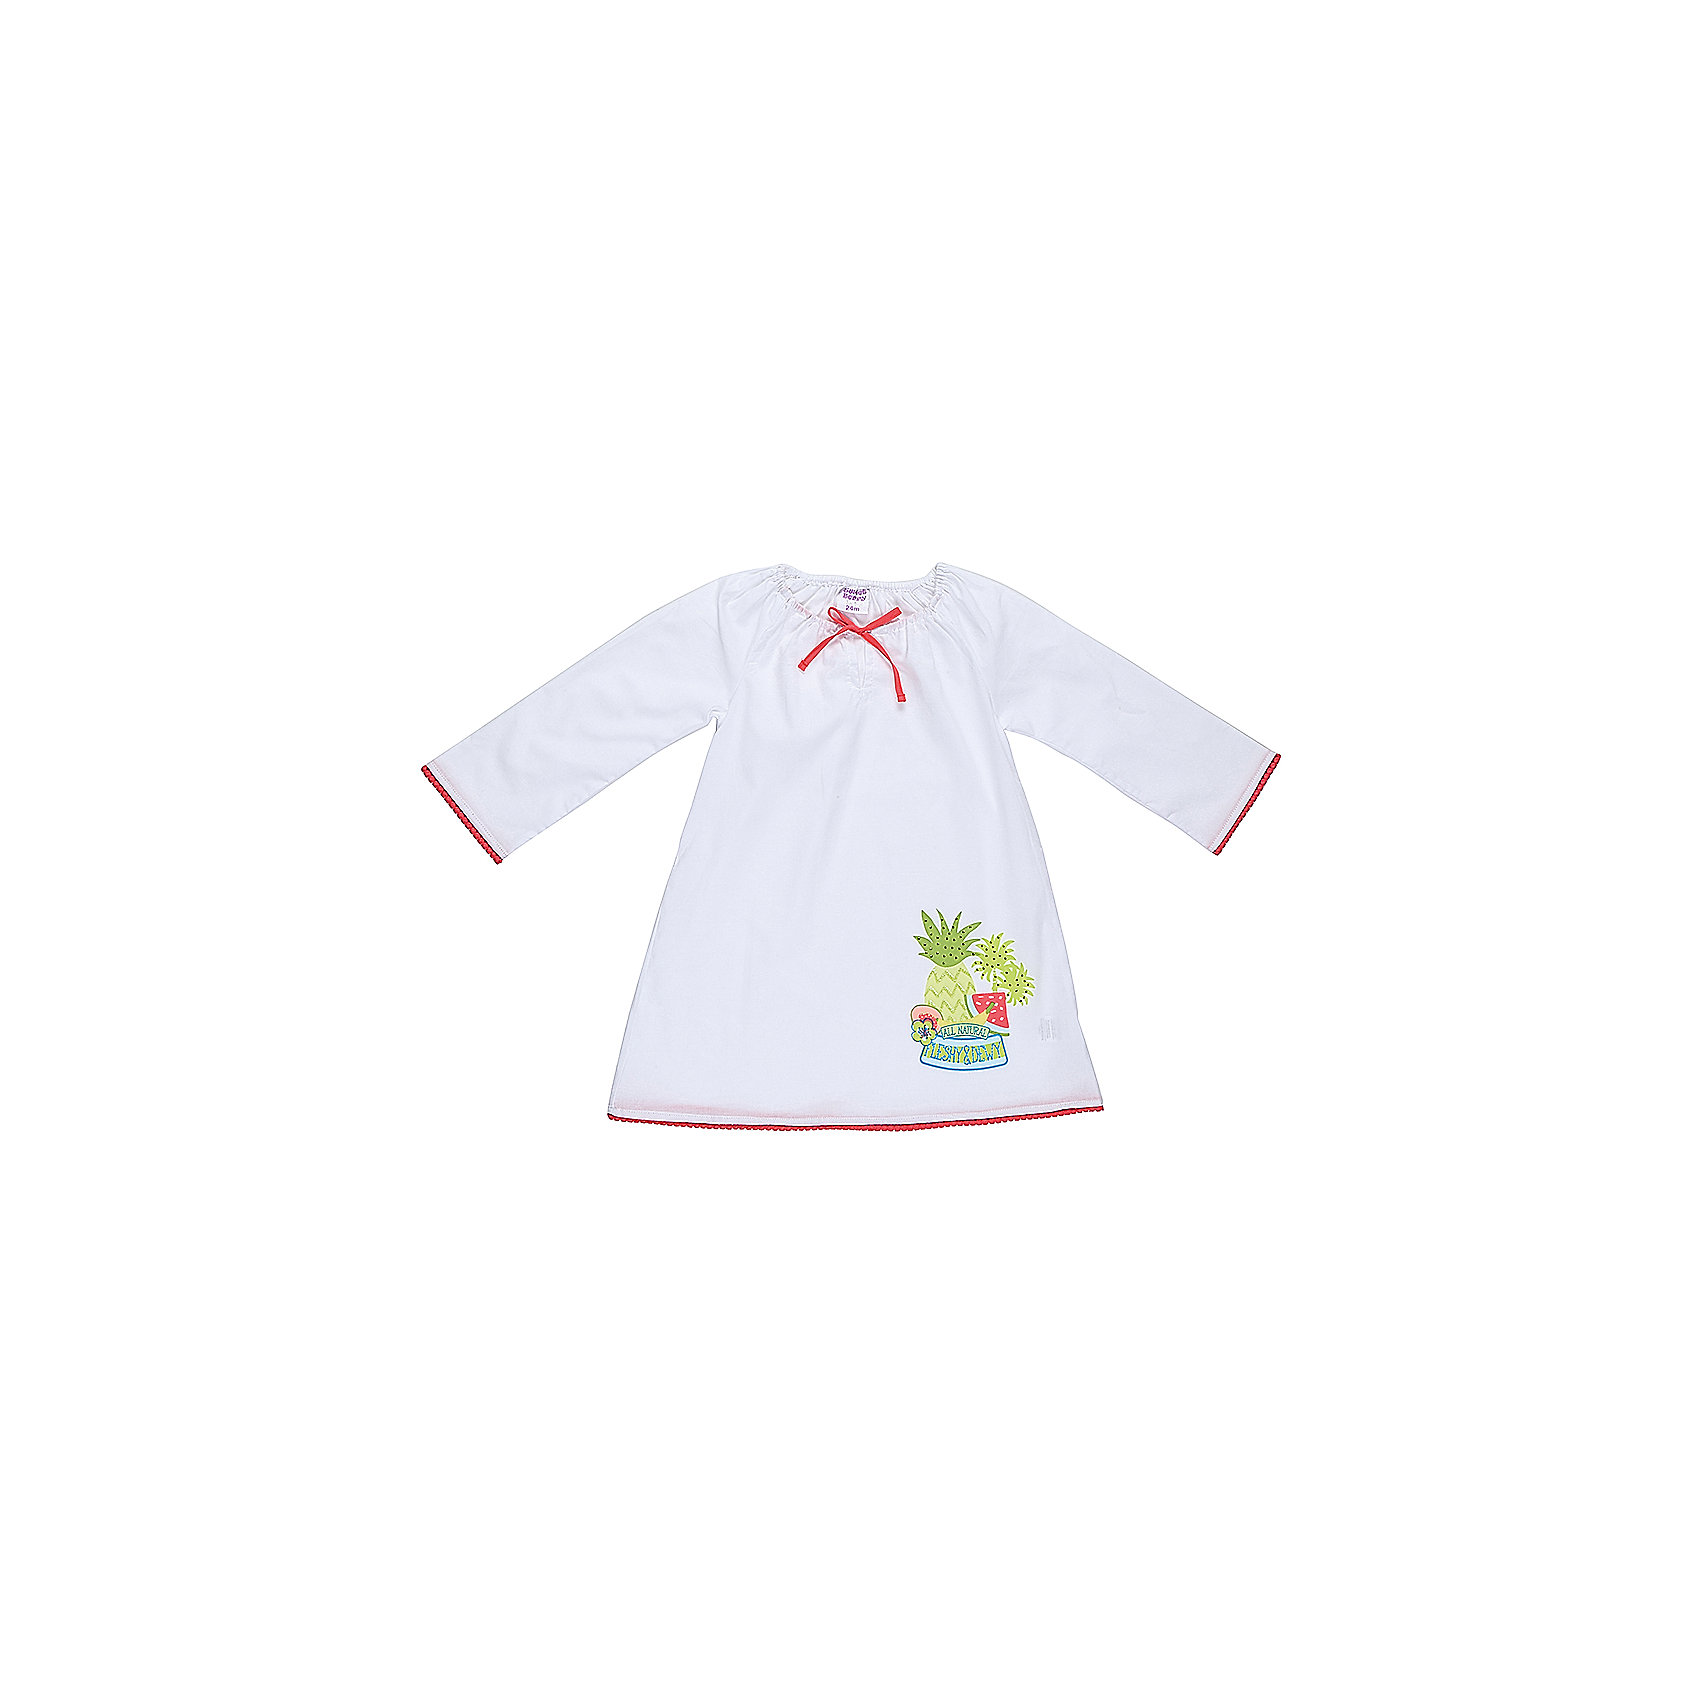 Платье для девочки Sweet BerryПлатья<br>Хлопковое платье-туника для жаркого лета. Декориованно ярким принтом по низу изделия.<br>Состав:<br>100% хлопок<br><br>Ширина мм: 236<br>Глубина мм: 16<br>Высота мм: 184<br>Вес г: 177<br>Цвет: белый<br>Возраст от месяцев: 18<br>Возраст до месяцев: 24<br>Пол: Женский<br>Возраст: Детский<br>Размер: 92,98,86,80<br>SKU: 5410899